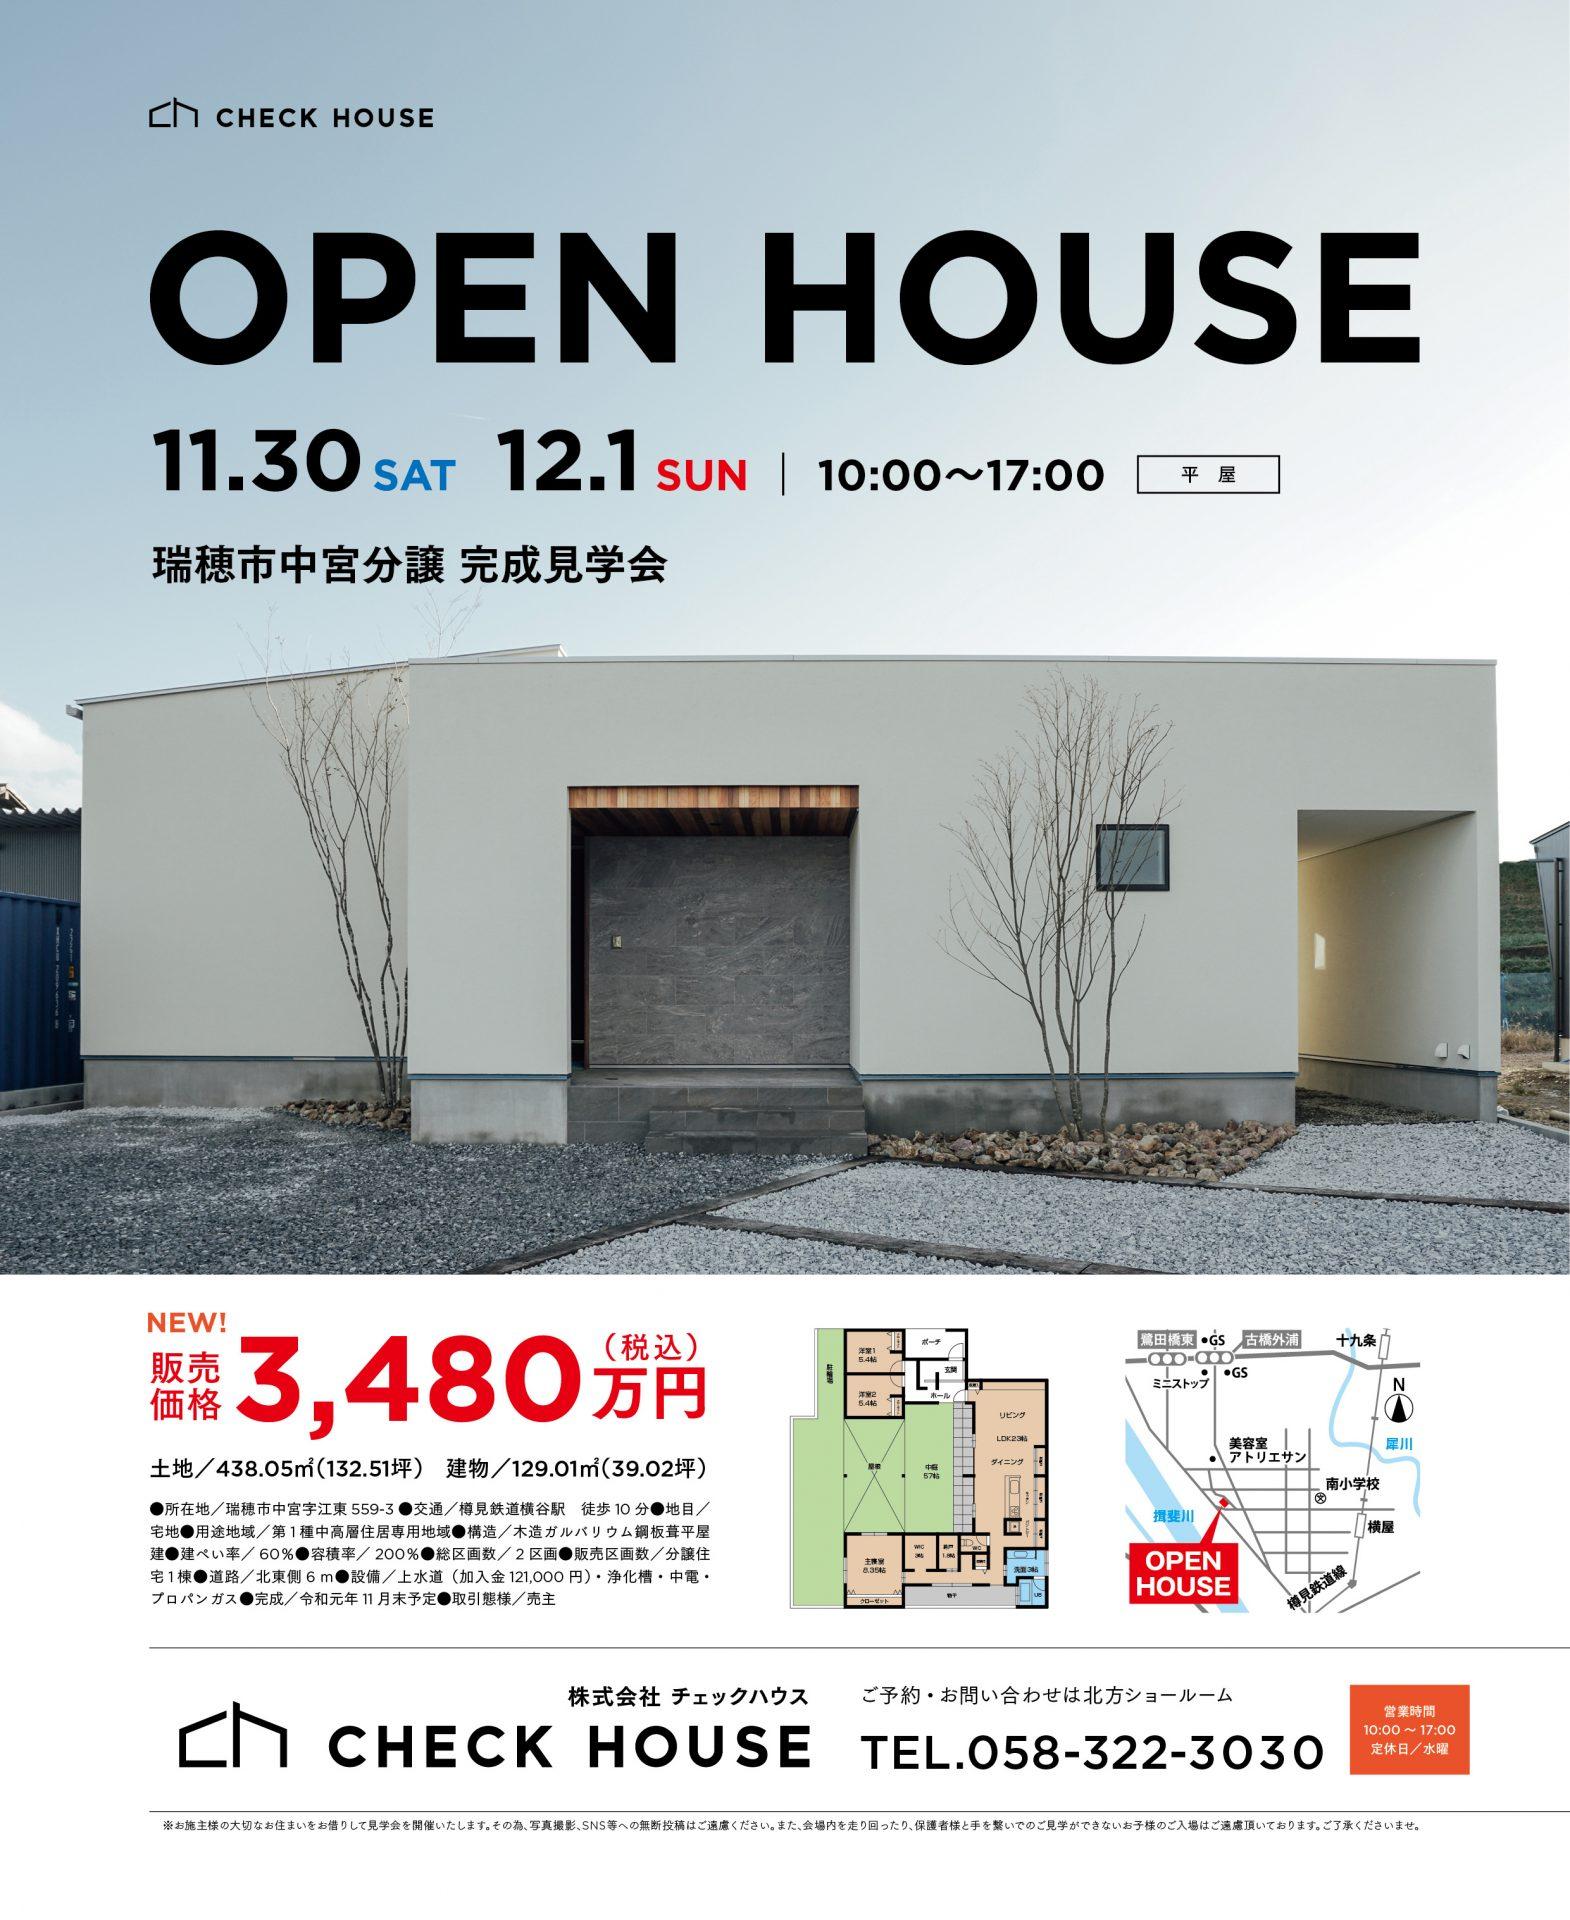 開催OPENHOUSE&OB様宅見学会 <11.30 - 12.1、12.8、12.15>